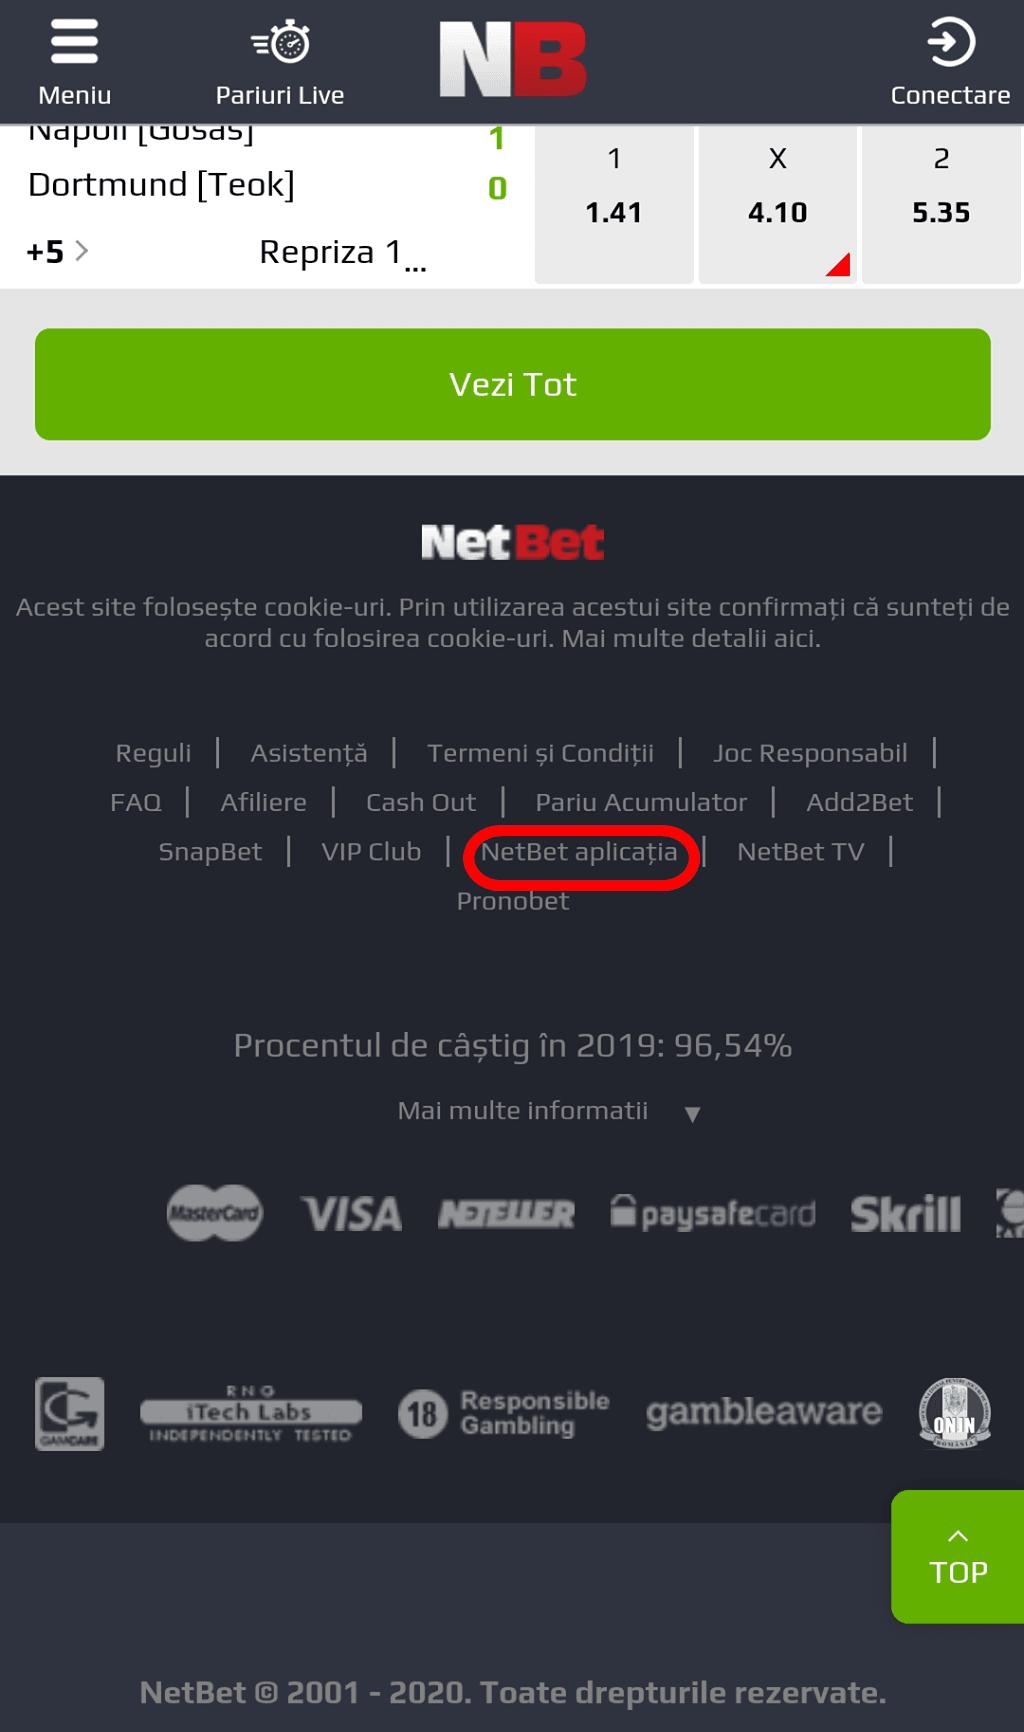 Netbet Mobil App